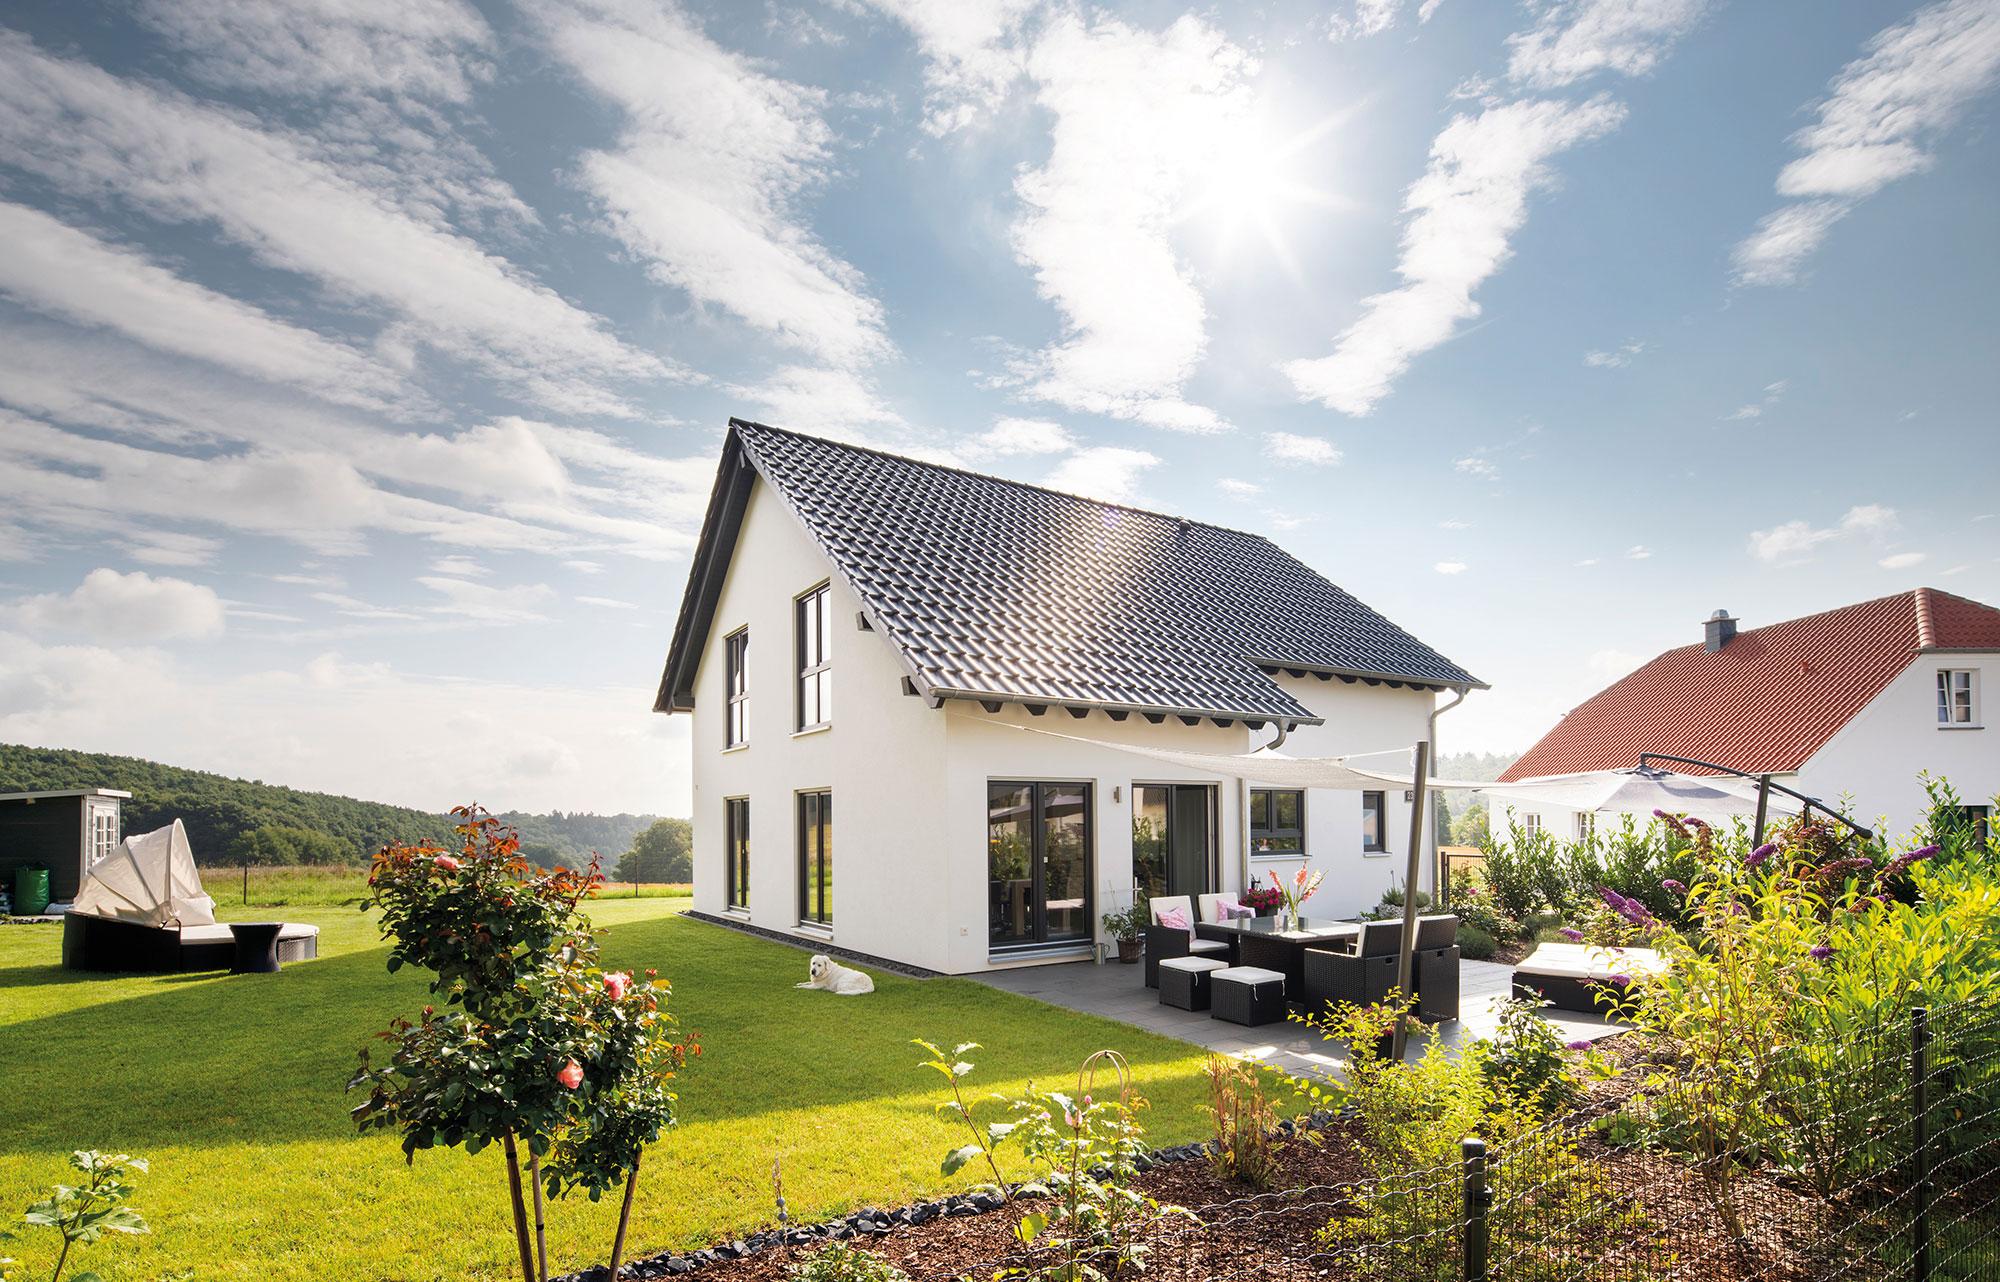 Rückzugsort im Freien: Die ruhige Terrasse lädt ein zum Relaxen. (Foto: FingerHaus)